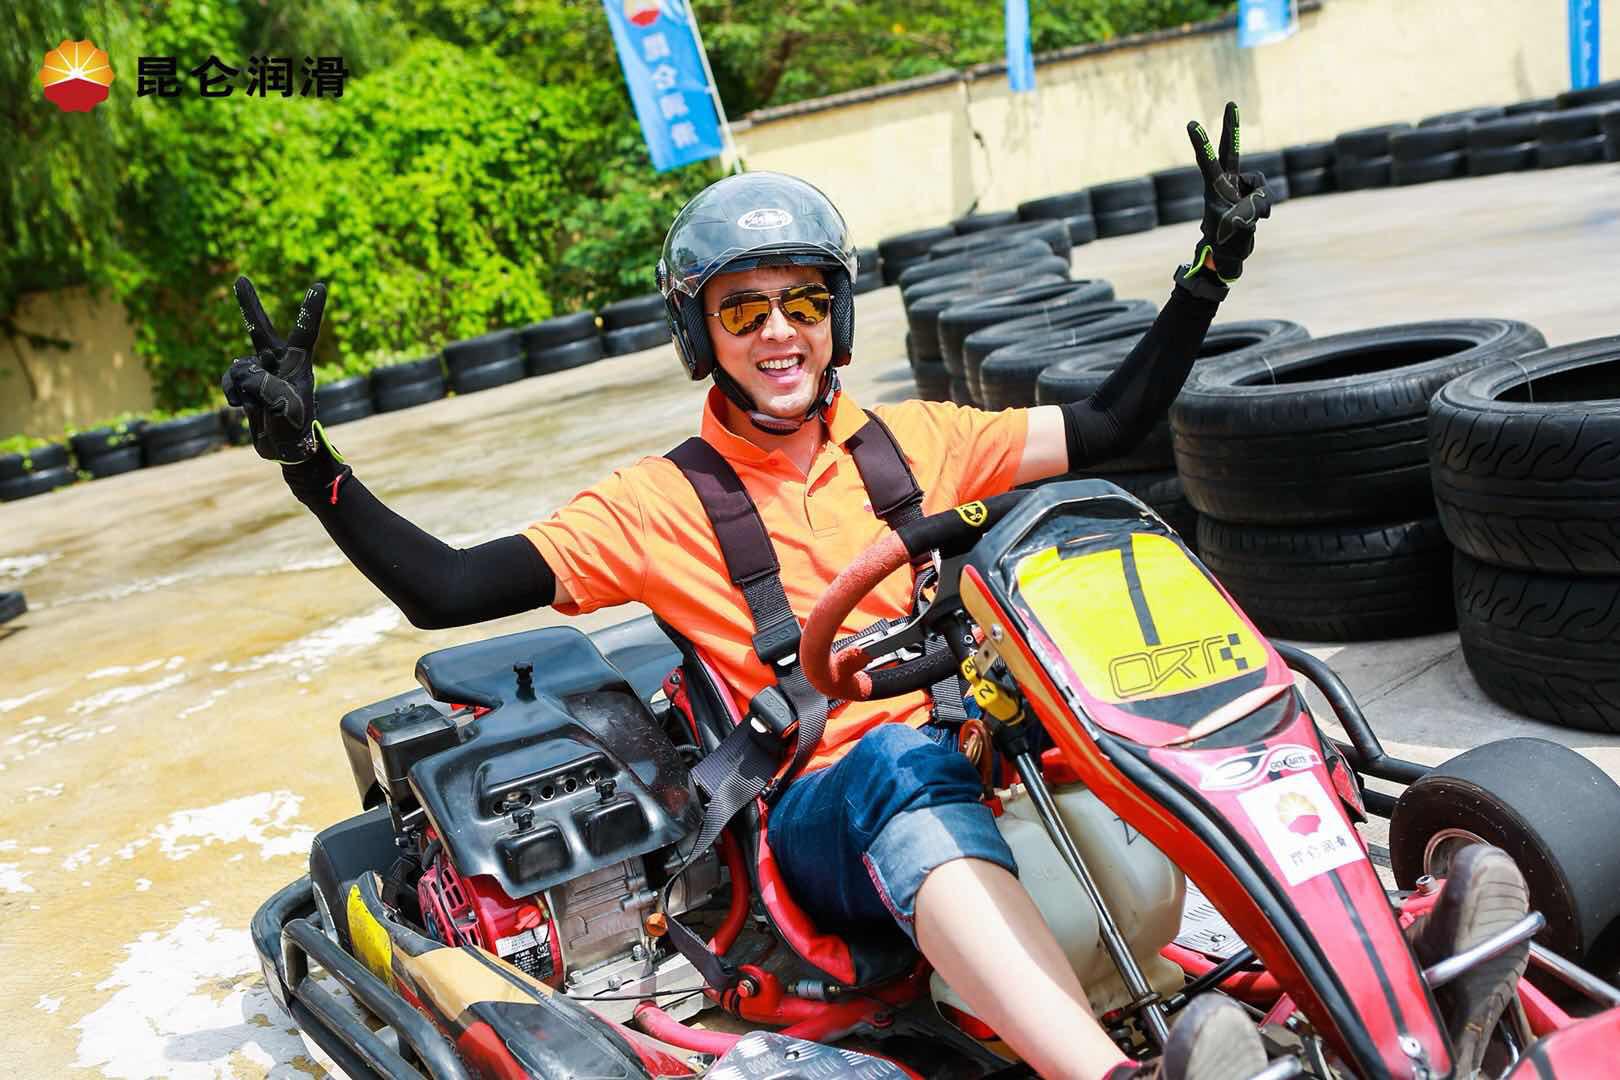 昆仑润滑车王争霸赛2018赛季拉开序幕